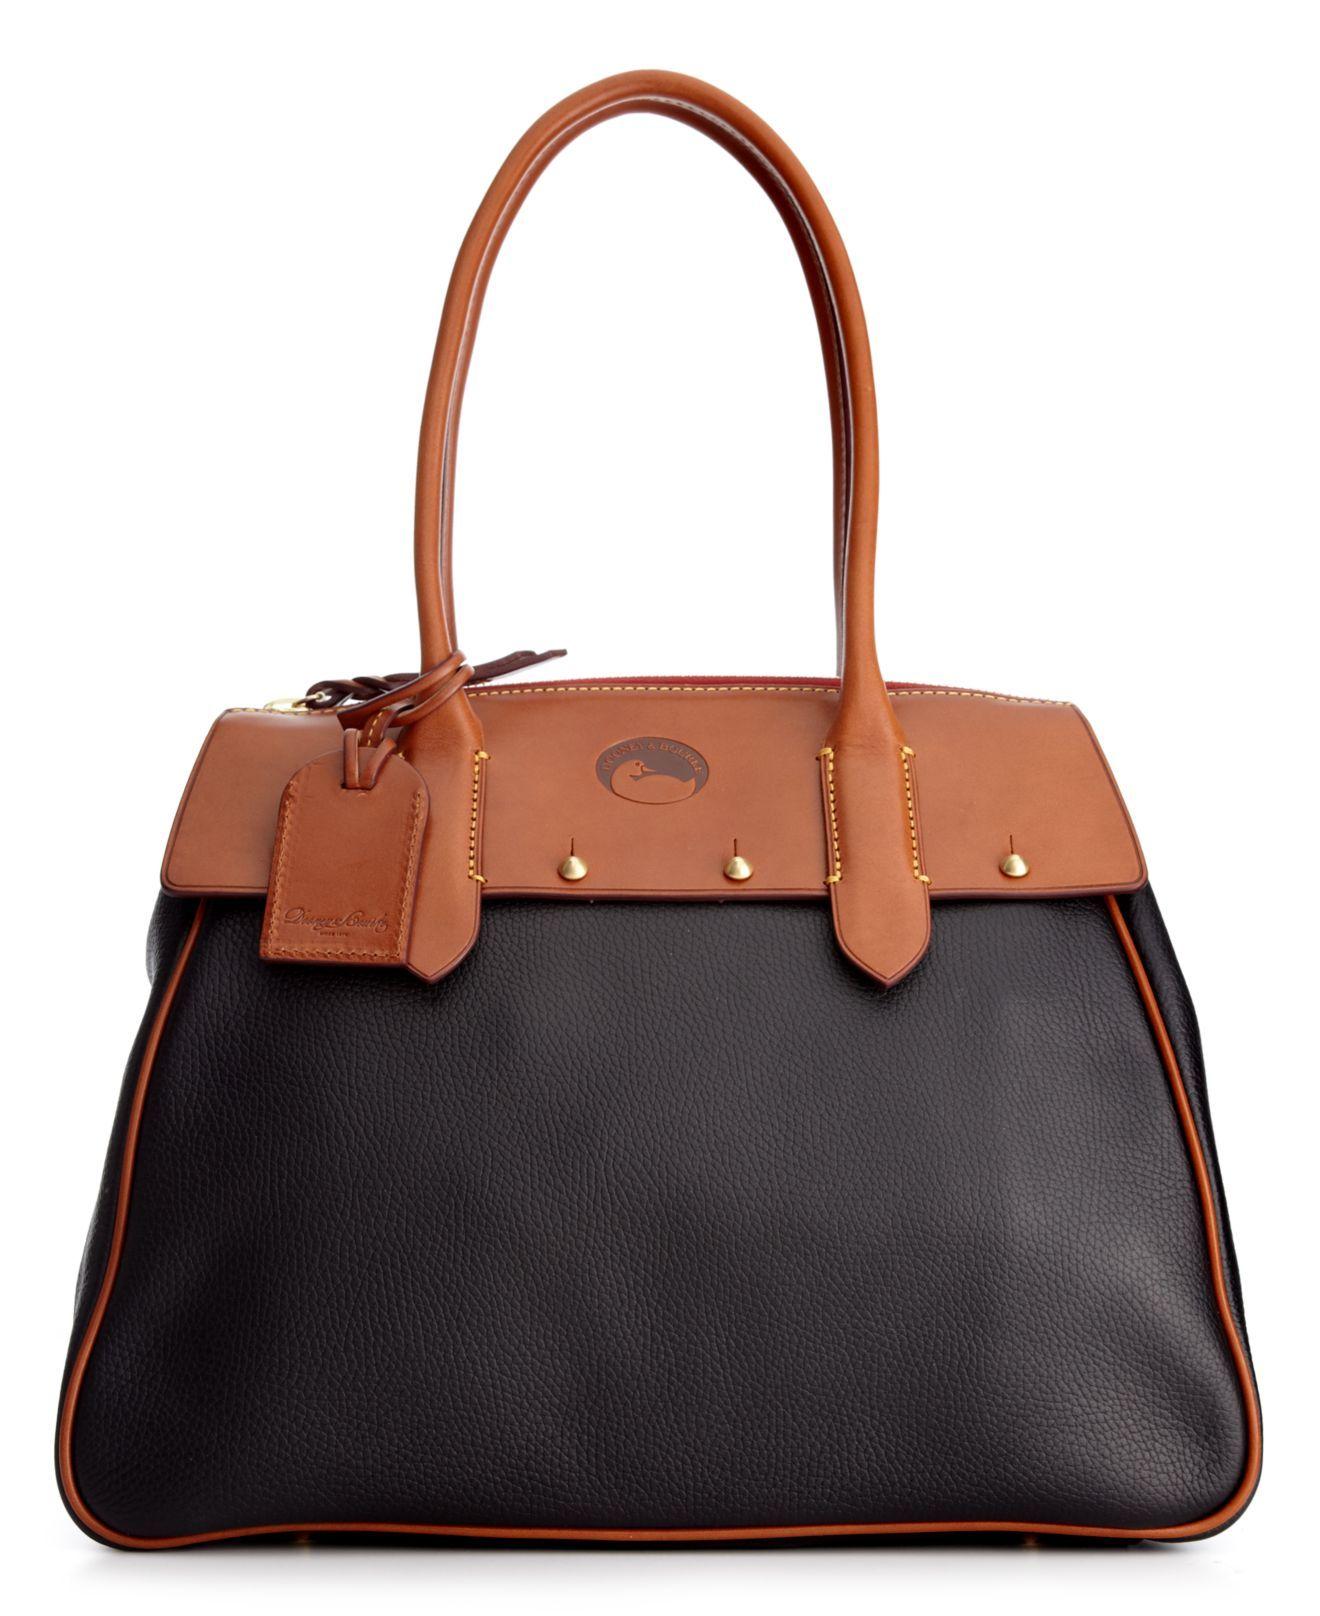 Dooney & Bourke Handbag, Olympia Wilson Dooney & Bourke